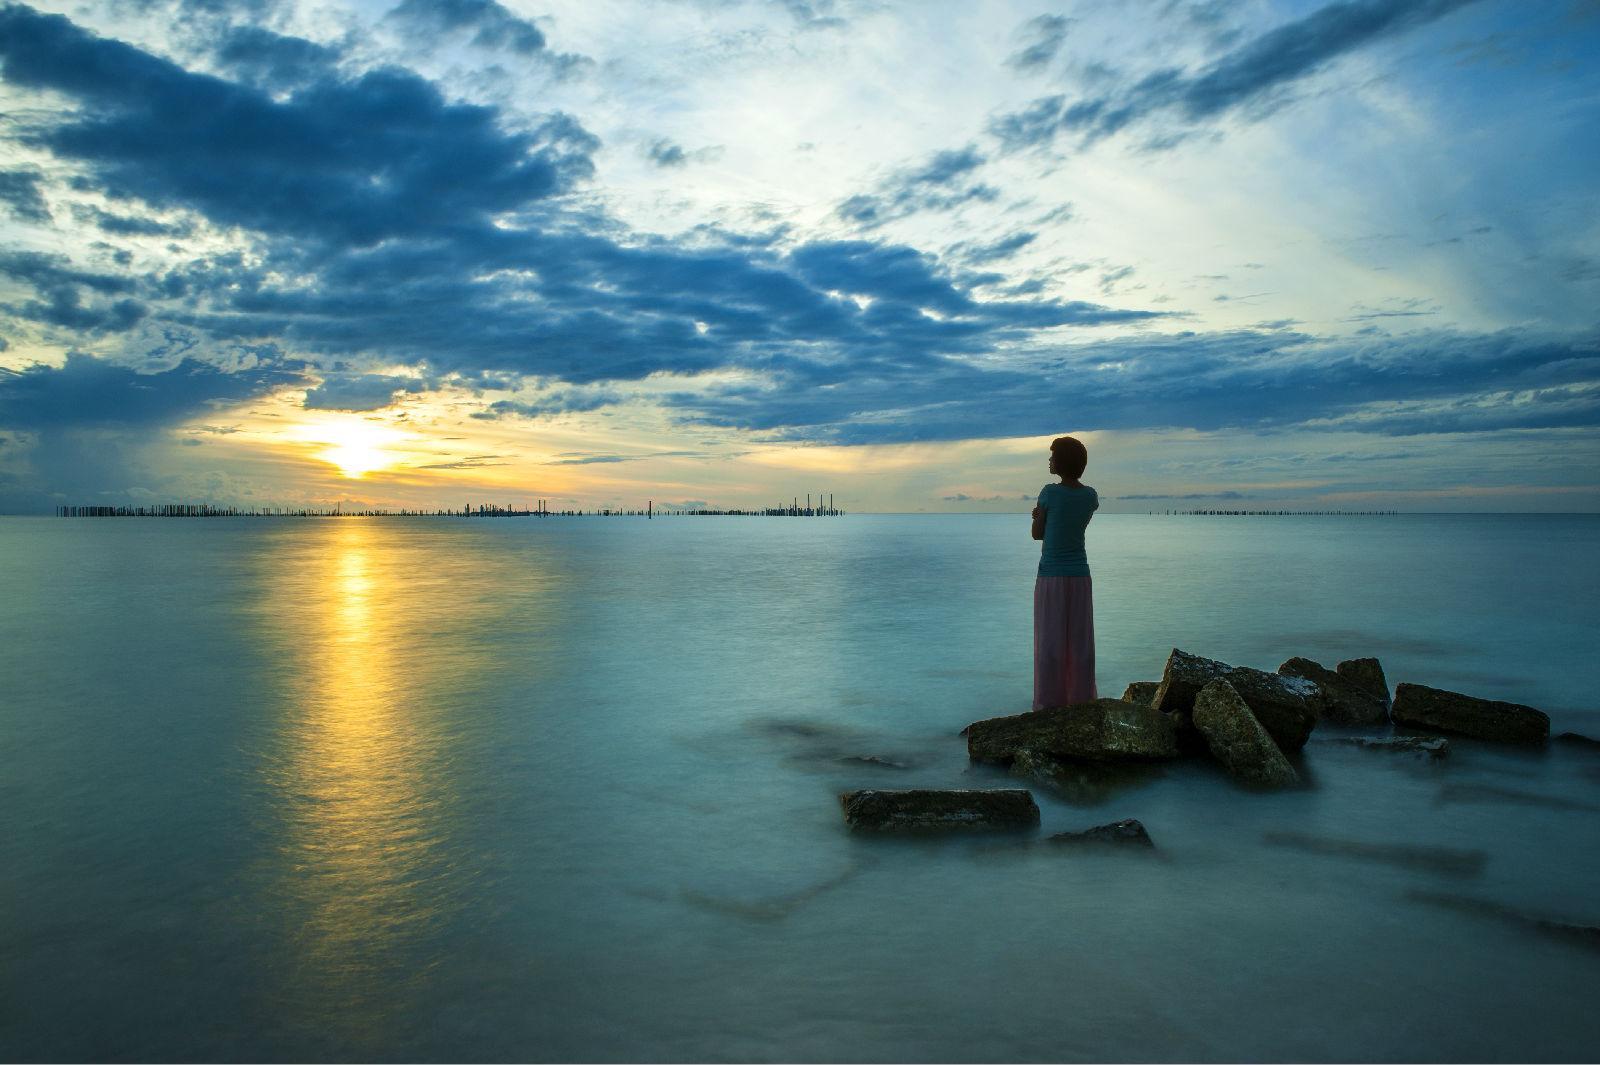 除了仙本那马布岛,万宁大花角,海水清澈的知名旅游